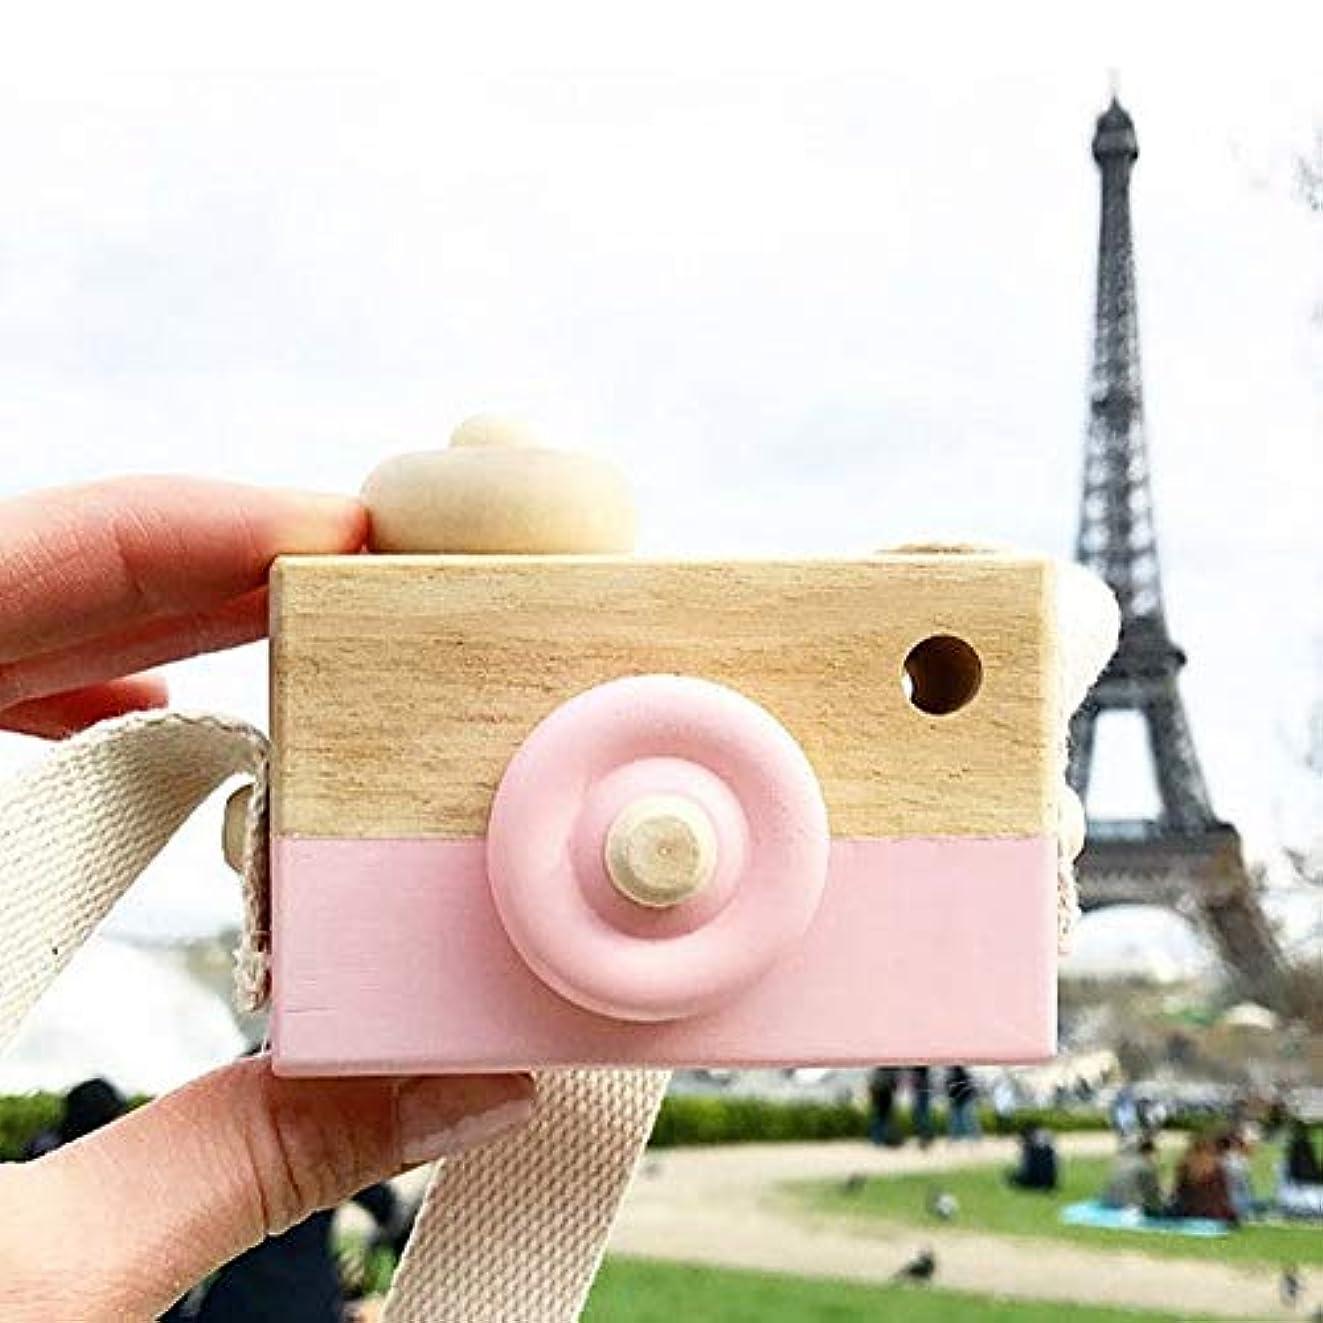 砲兵マルクス主義流行ミニかわいい木製カメラのおもちゃ安全なナチュラル玩具ベビーキッズファッション服アクセサリー玩具誕生日クリスマスホリデーギフト (ピンク)